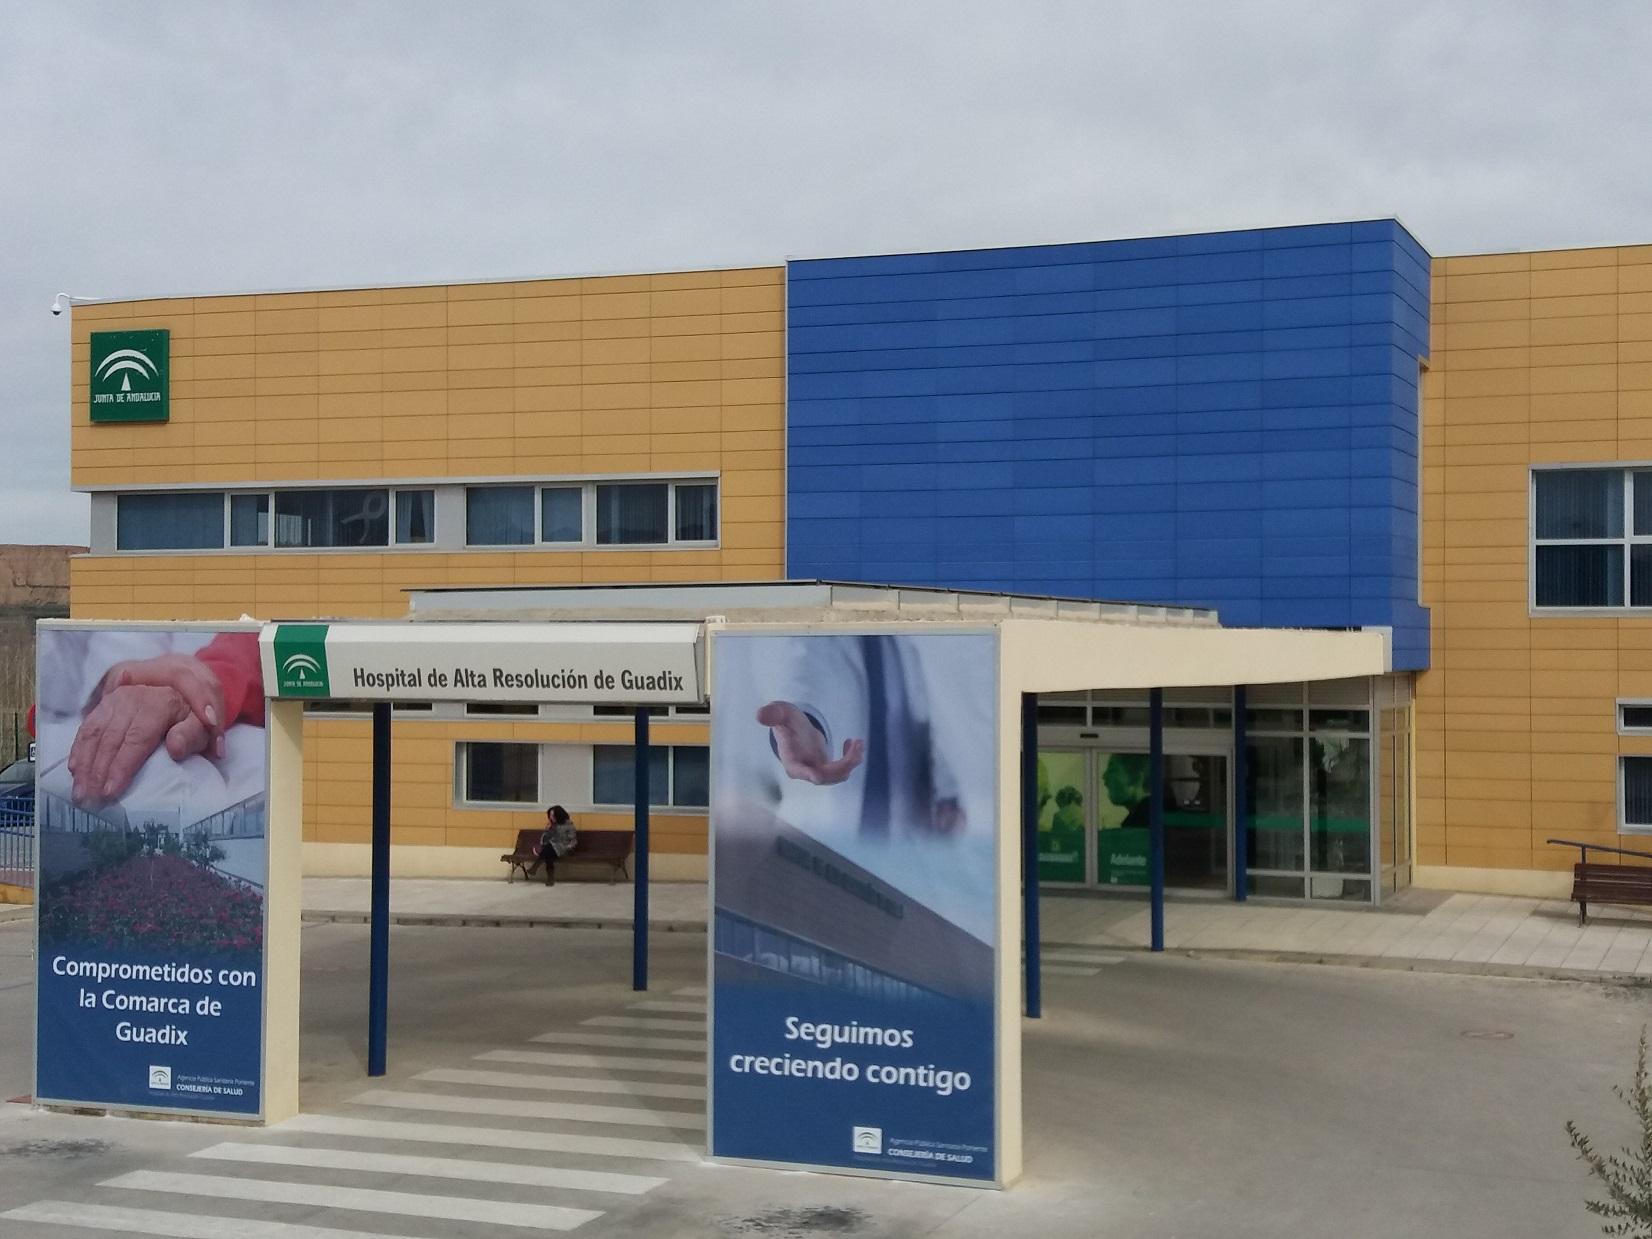 El Hospital de Guadix realiza más de 132.000 intervenciones sanitarias en el último año